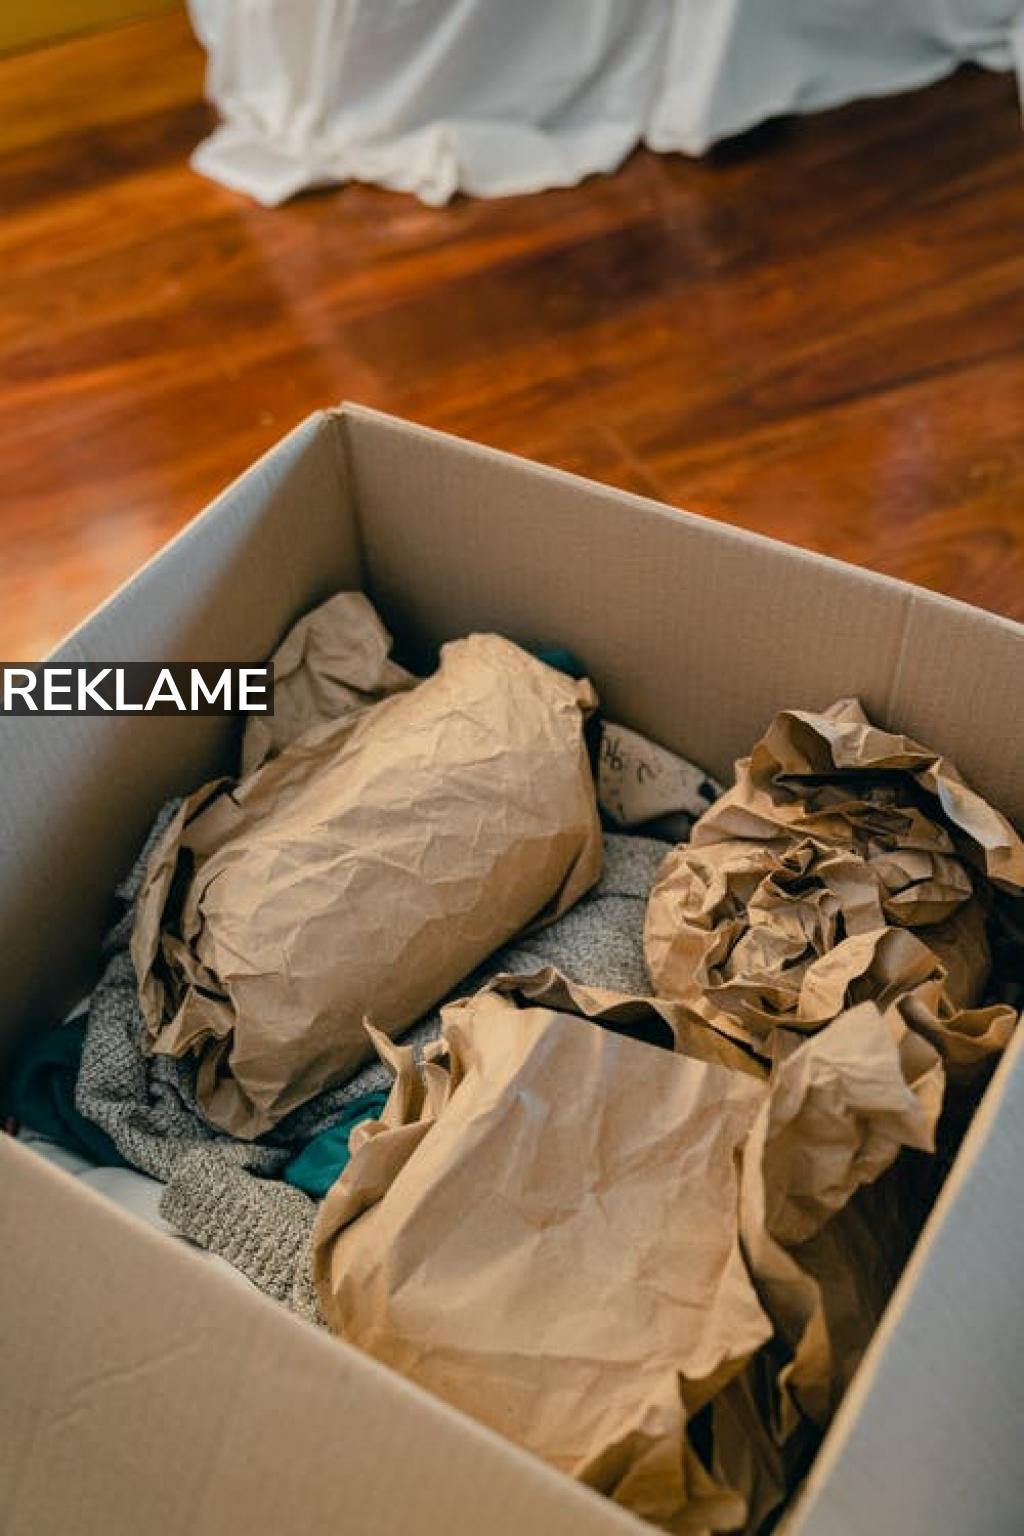 Sådan bevarer du dine ejendele bedst muligt under flytning